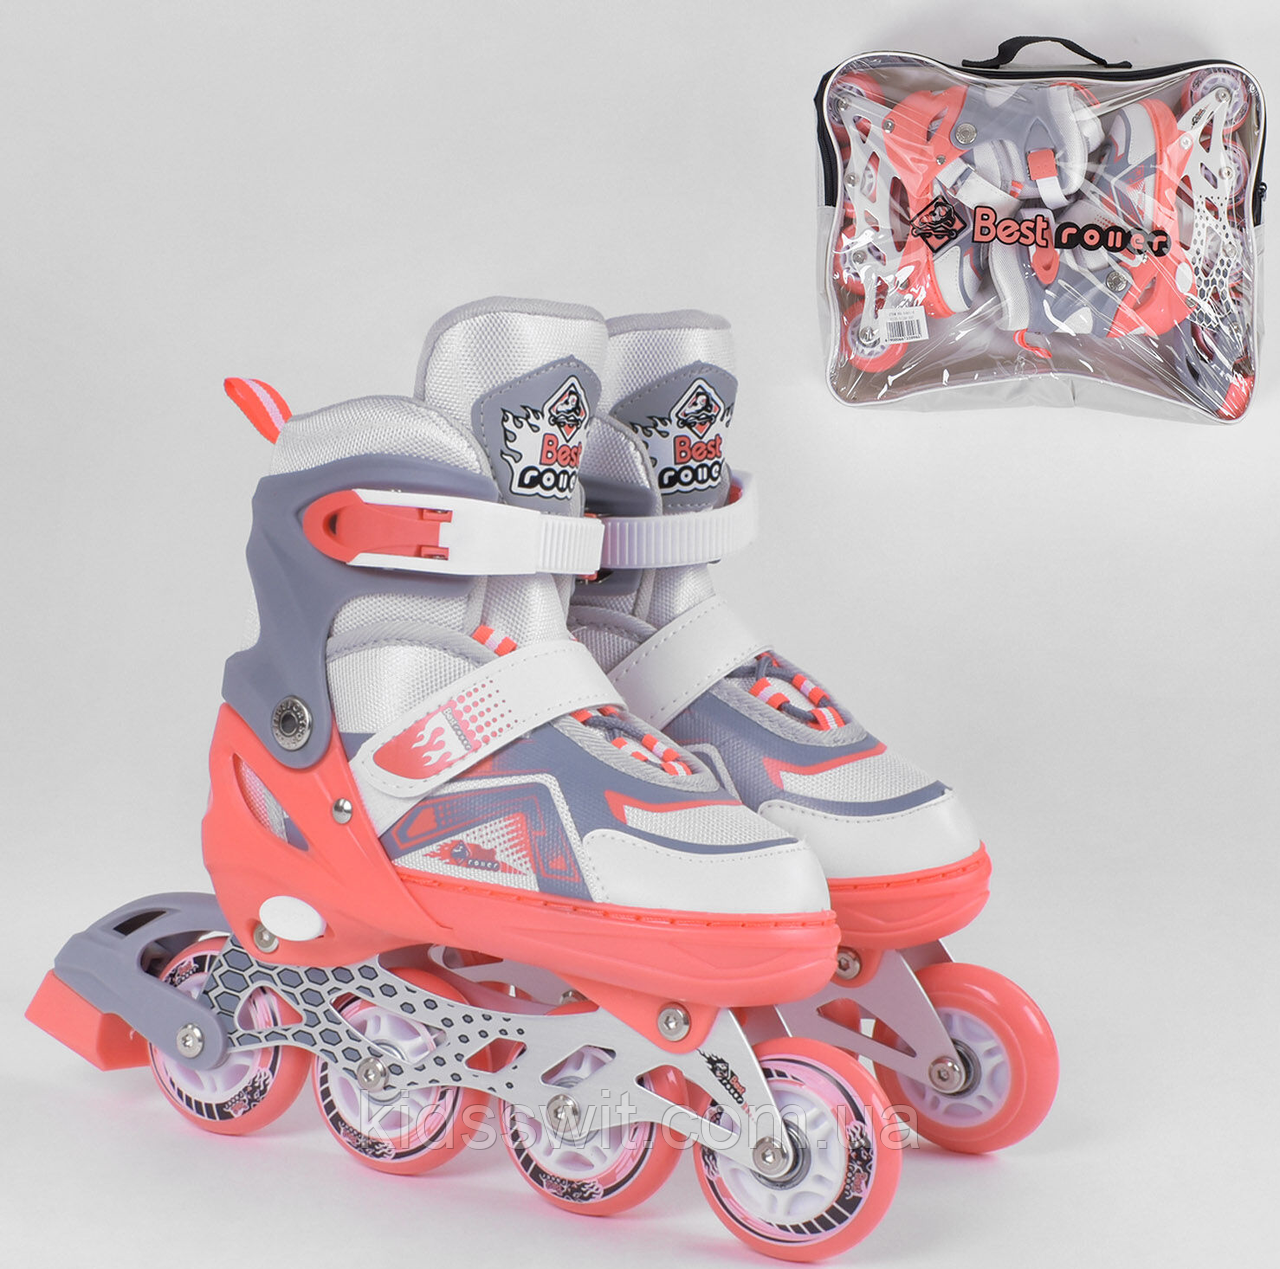 Ролики Best Roller /розмір 30-33/ колір - КОРАЛОВИЙ PU колеса, ПЕРЕДНЄ КОЛЕСО СВІТЛО, 5401-S